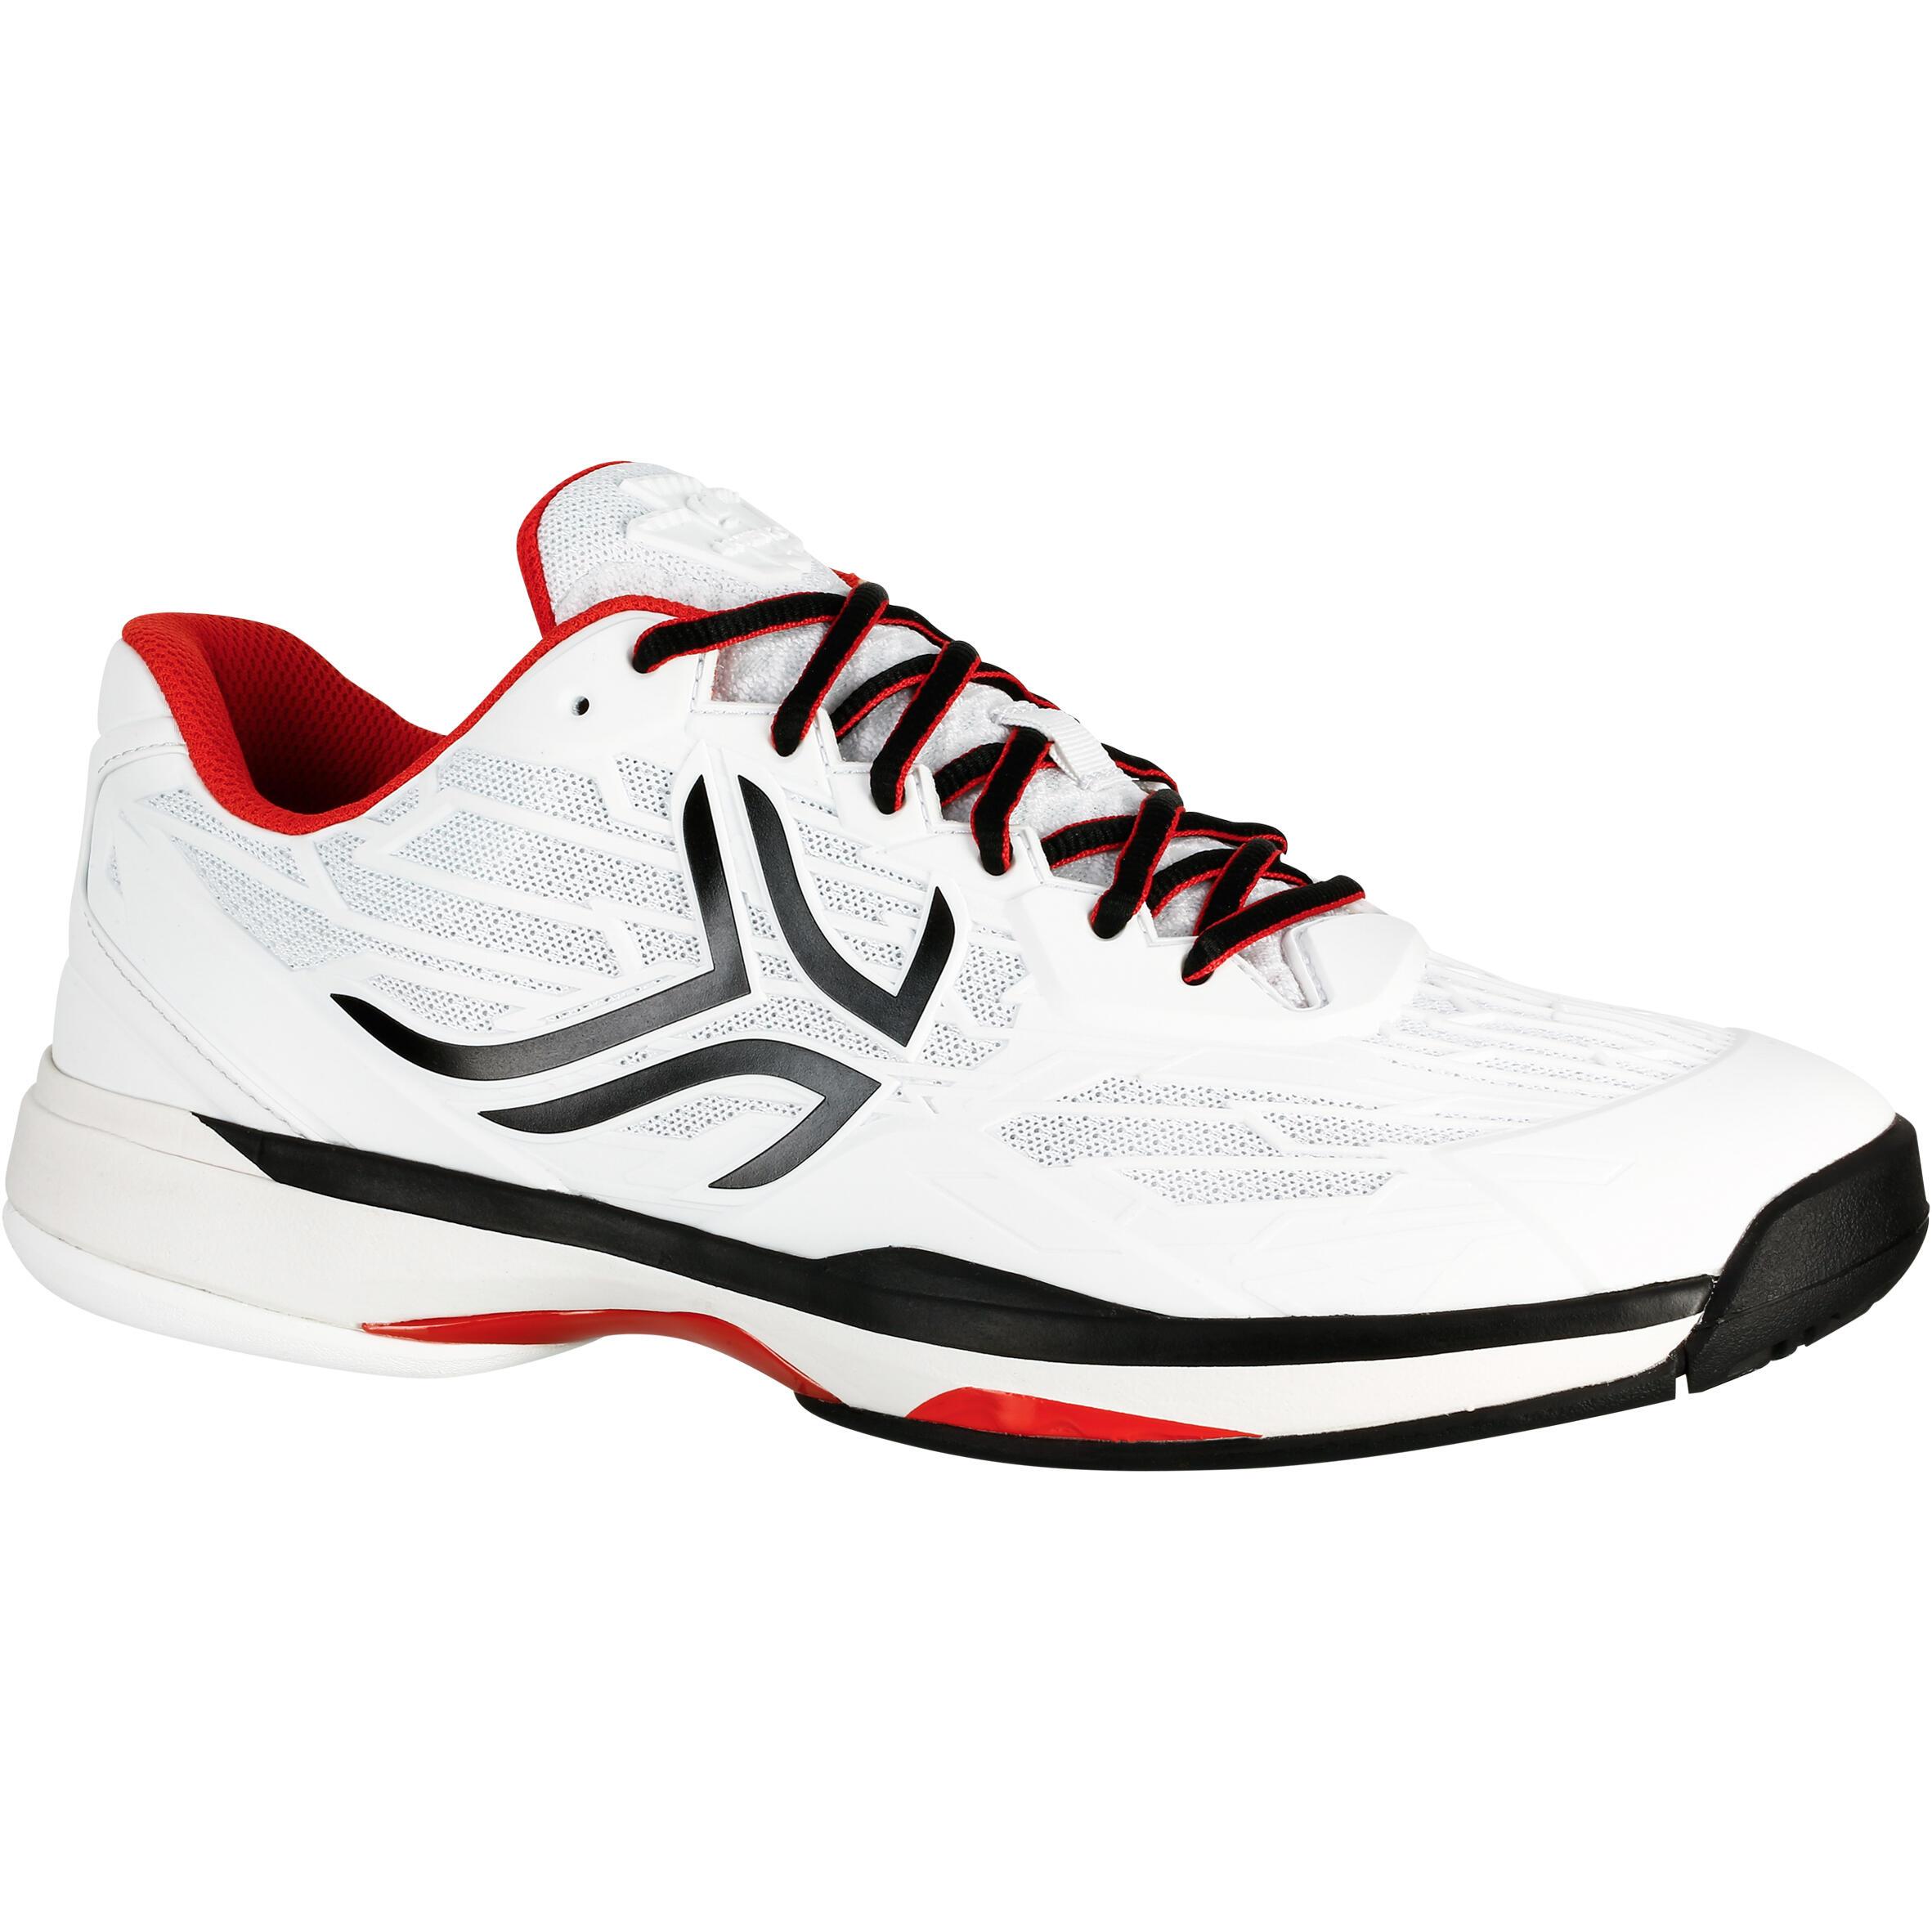 Artengo Tennisschoenen voor heren TS990 wit omni zool